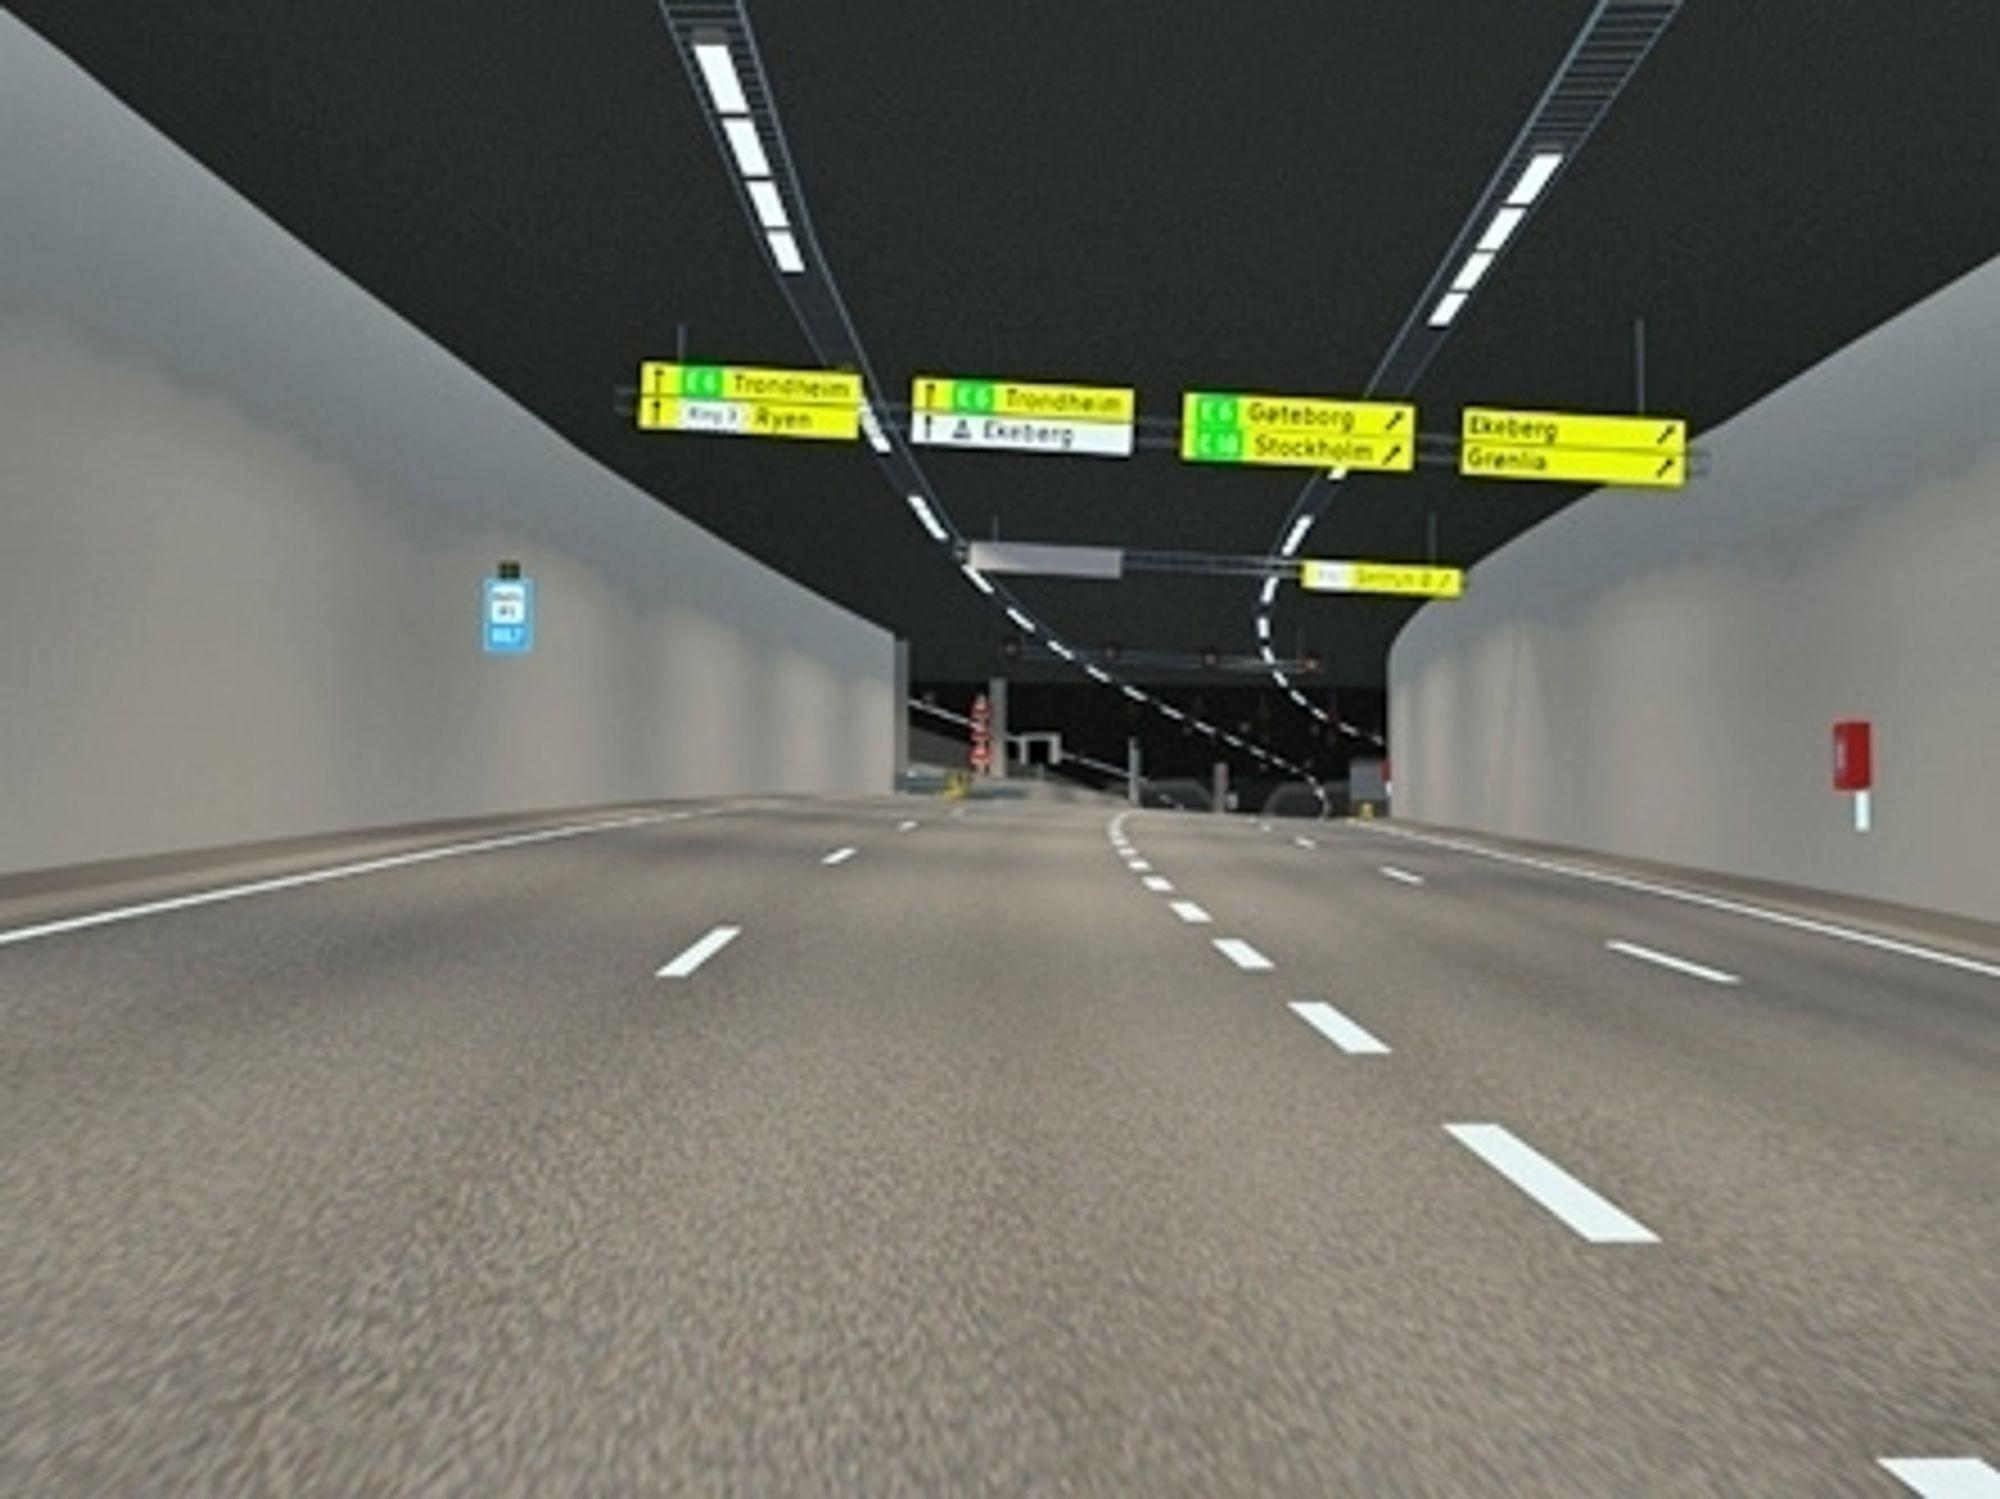 Bravida skal utføre det elektrotekniske arbeidet i Bjørvikatunnelen. Kontrakten omfatter også arbeid i Grønliatunnelen, som inngår i det samme prosjektet. (Ill.: Statens vegvesen)